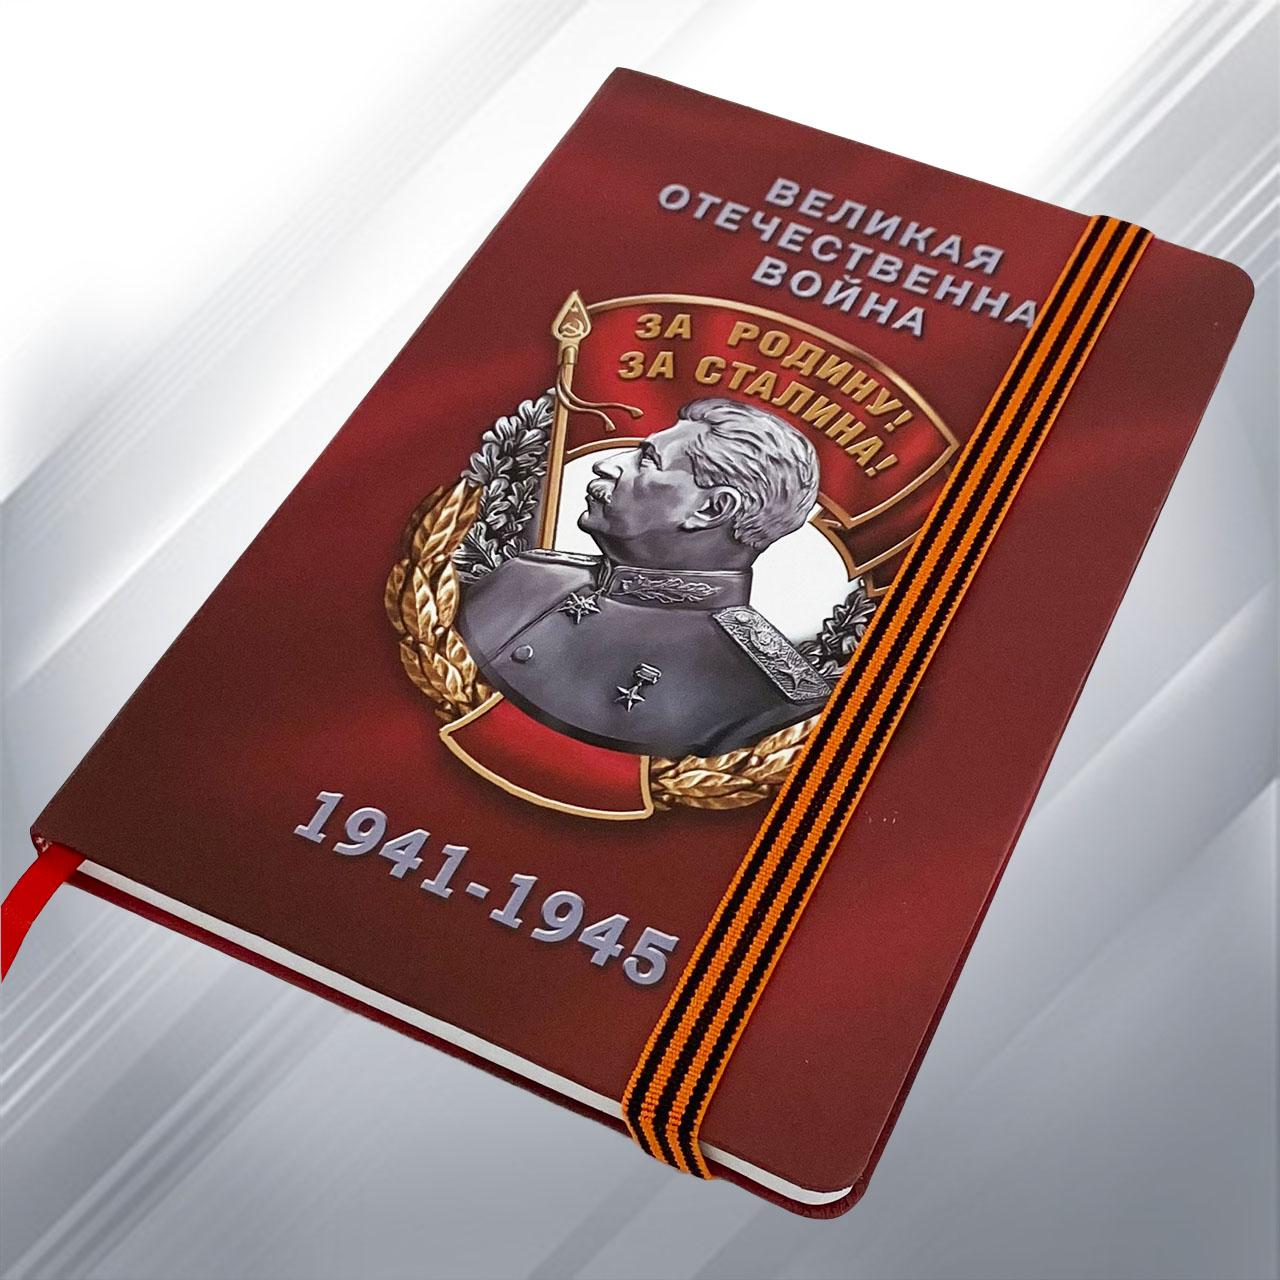 Блокнот «За Родину! За Сталина!» на День Победы